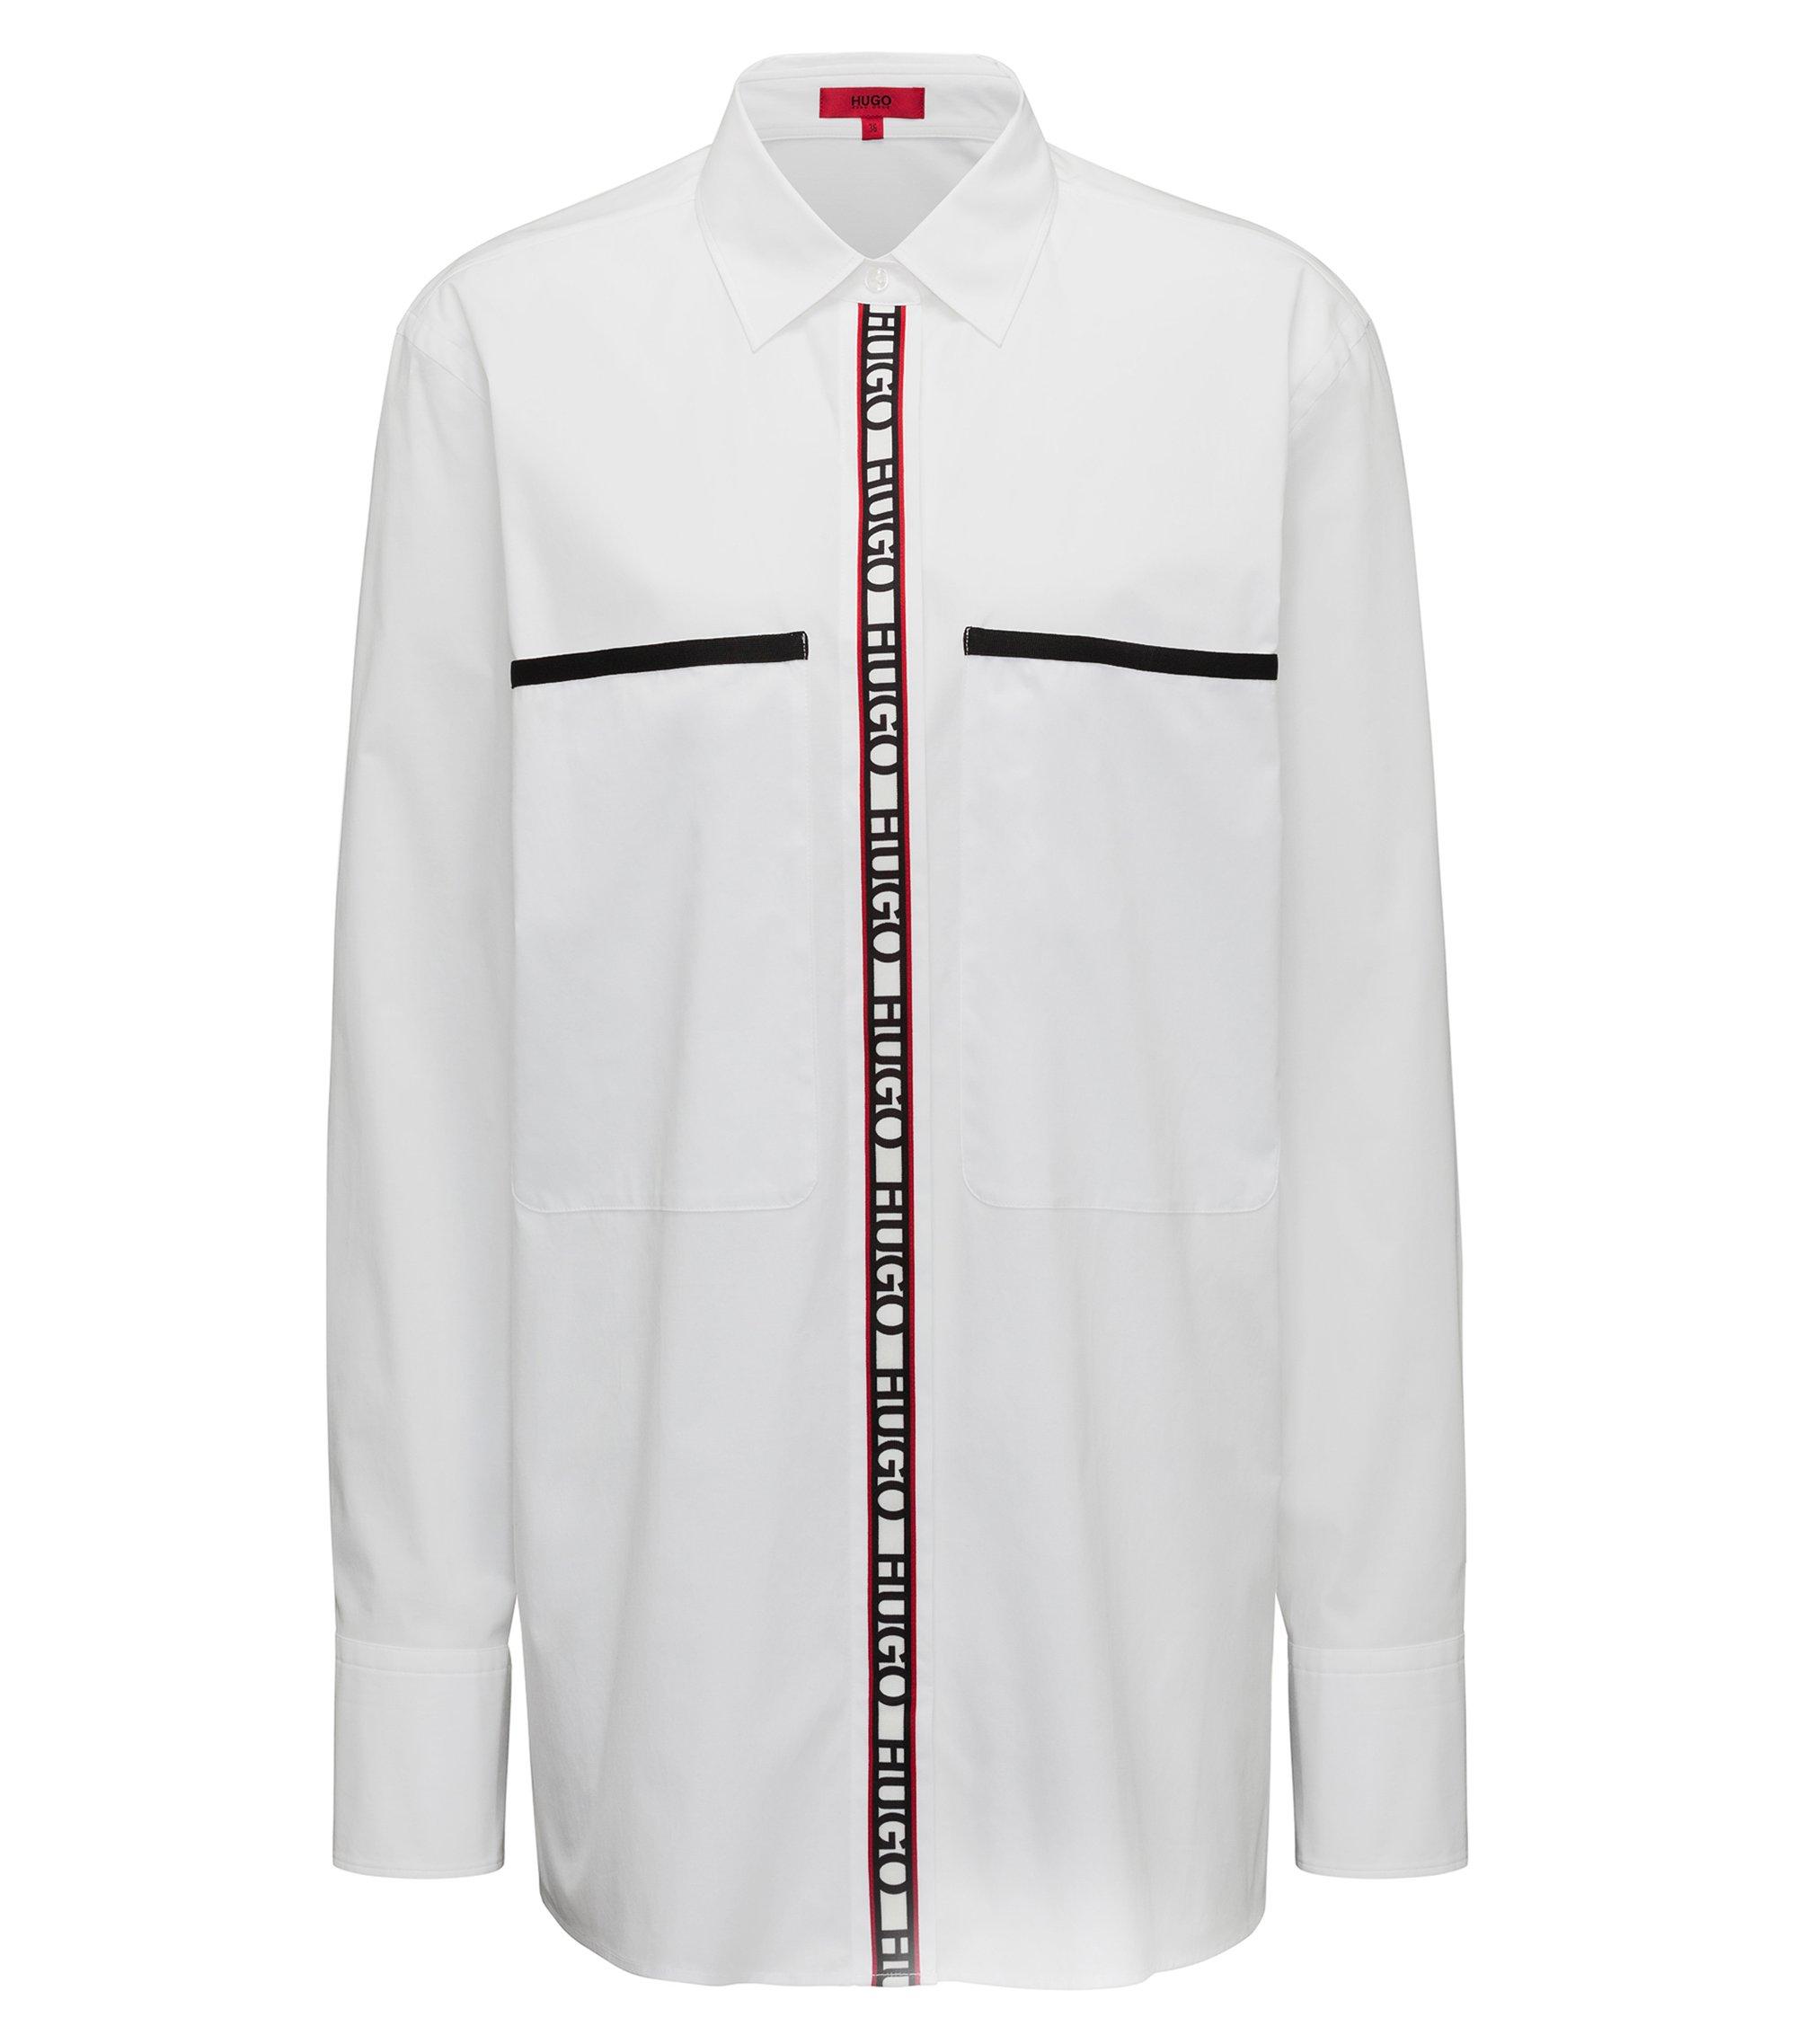 Oversized Bluse aus Stretch-Baumwolle mit Logo-Band, Weiß